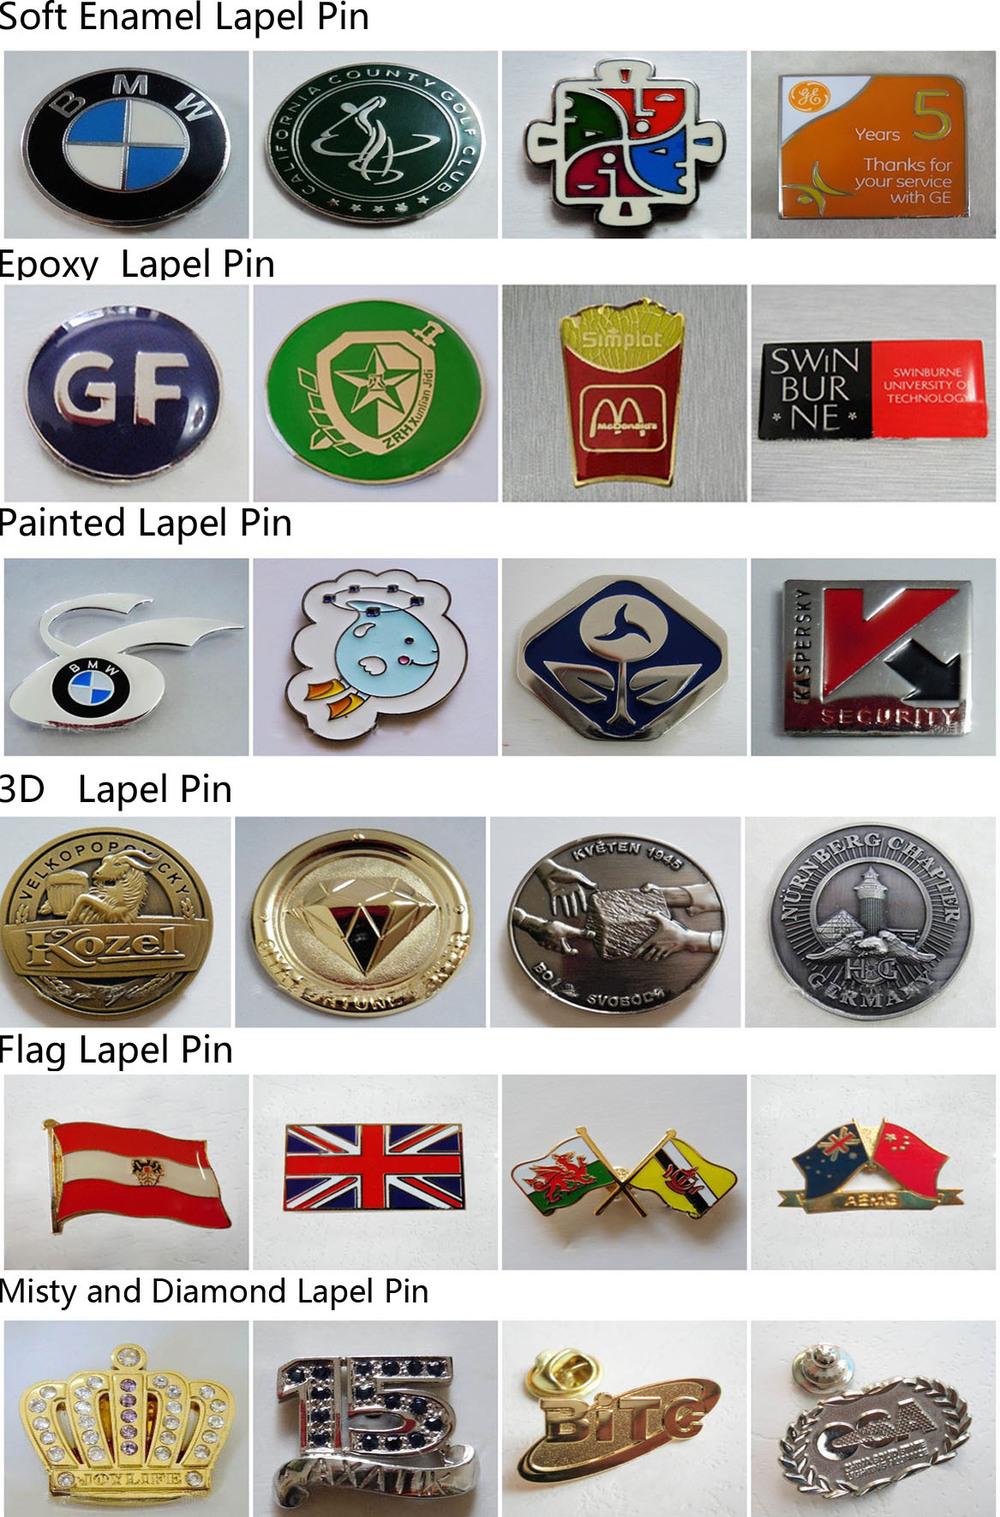 Masonic 20 year service lapel pin